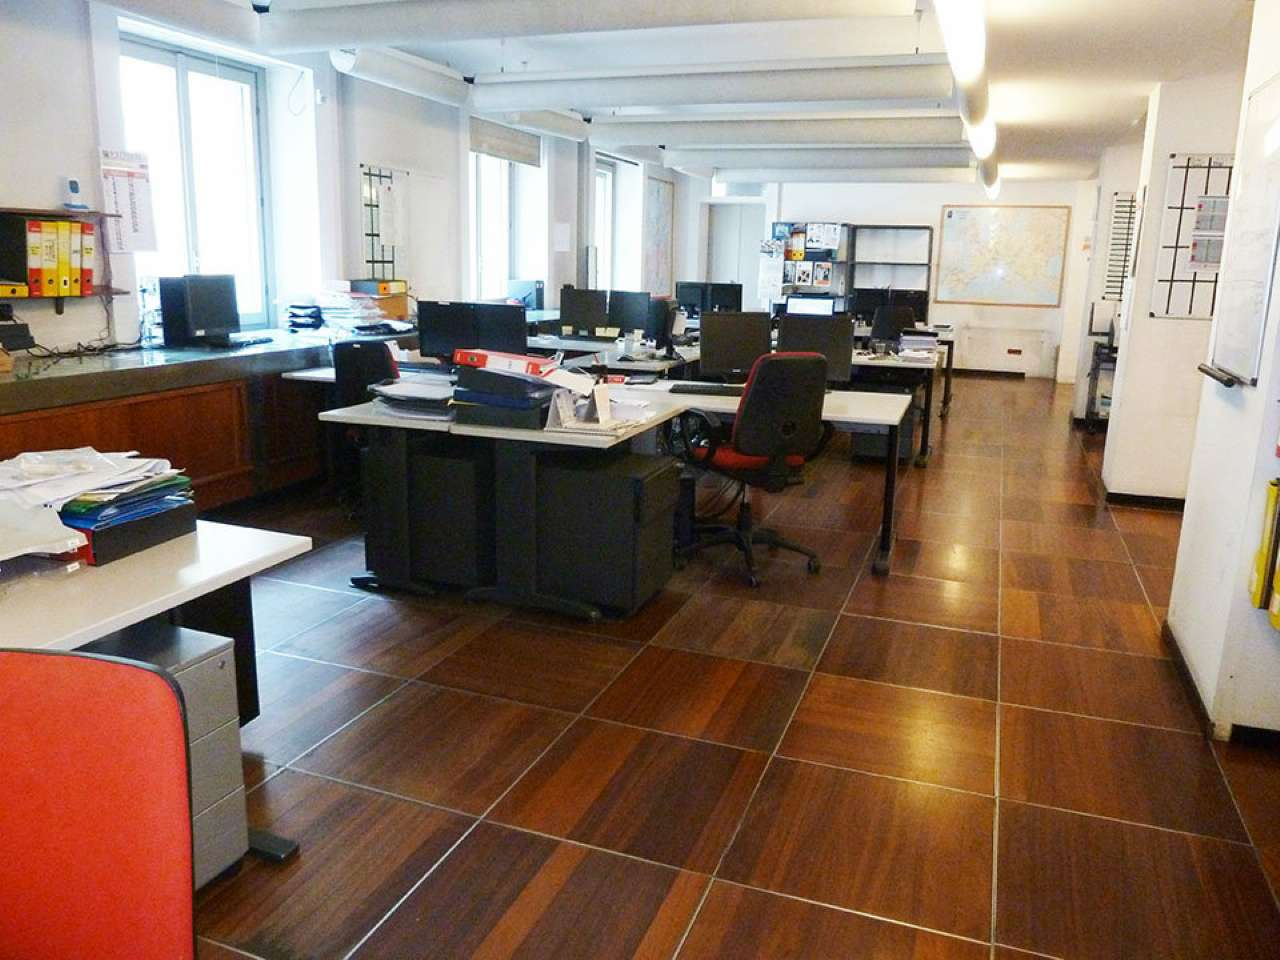 Ufficio-studio in Affitto a Milano 16 Savona / San Cristoforo / Napoli / Coni Zugna: 5 locali, 360 mq